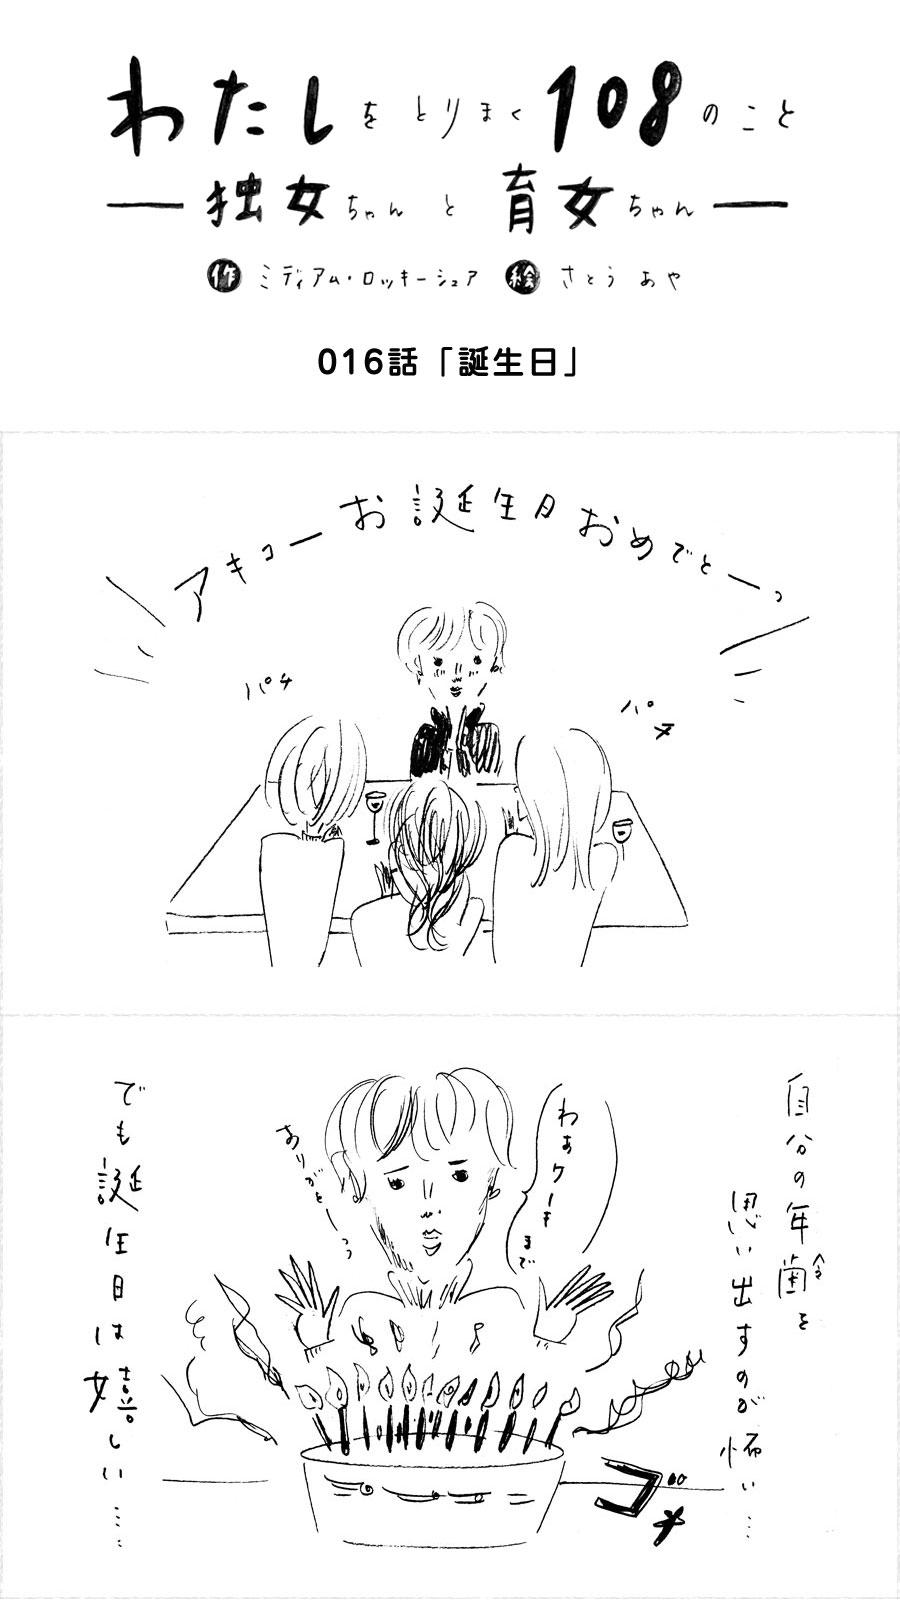 016_独女ちゃん_誕生日_001